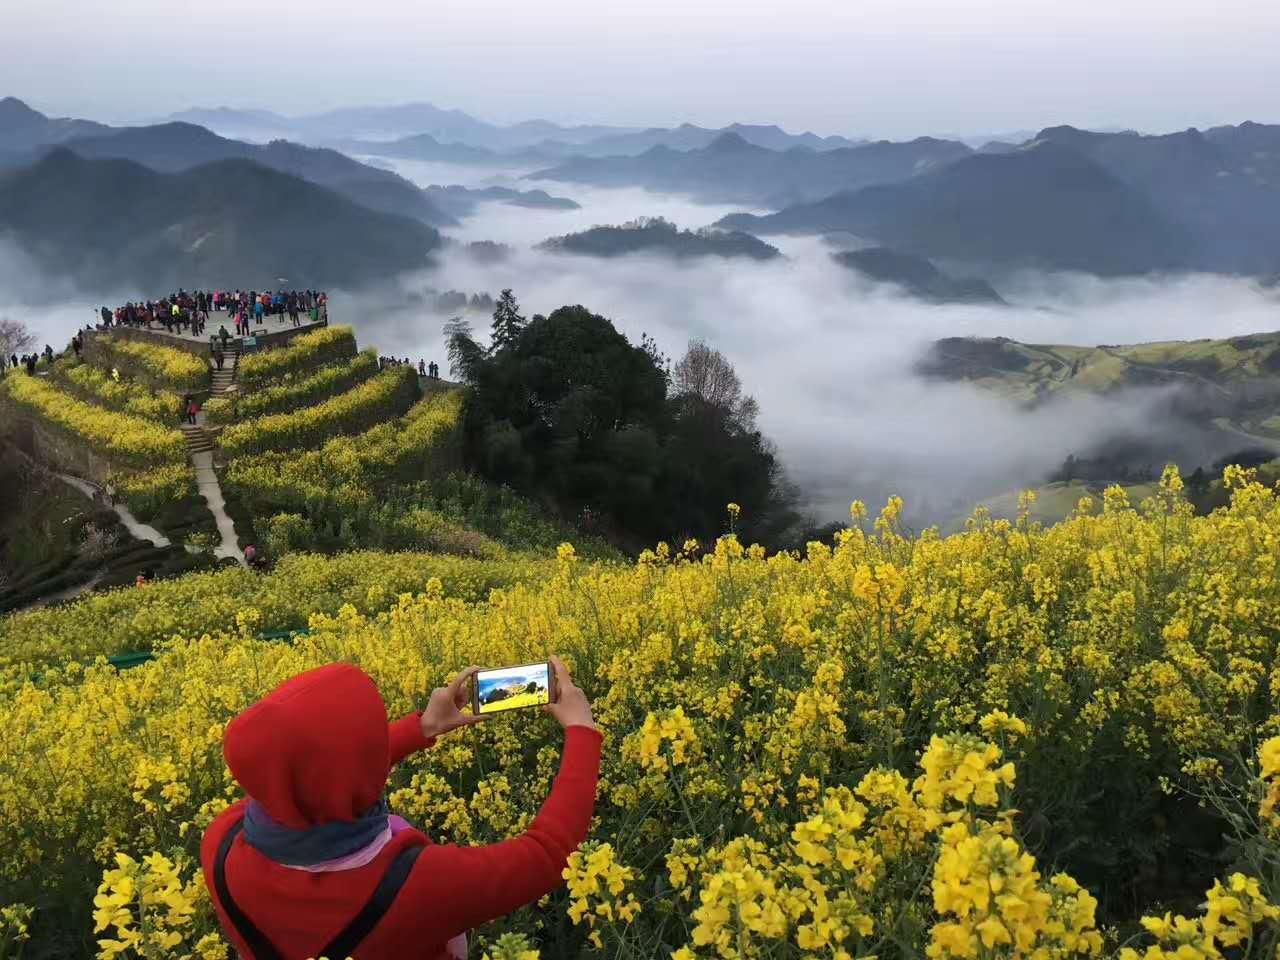 2017年3月27日早晨,歙县石潭出现春季以来醉美云海,摄影:潘成